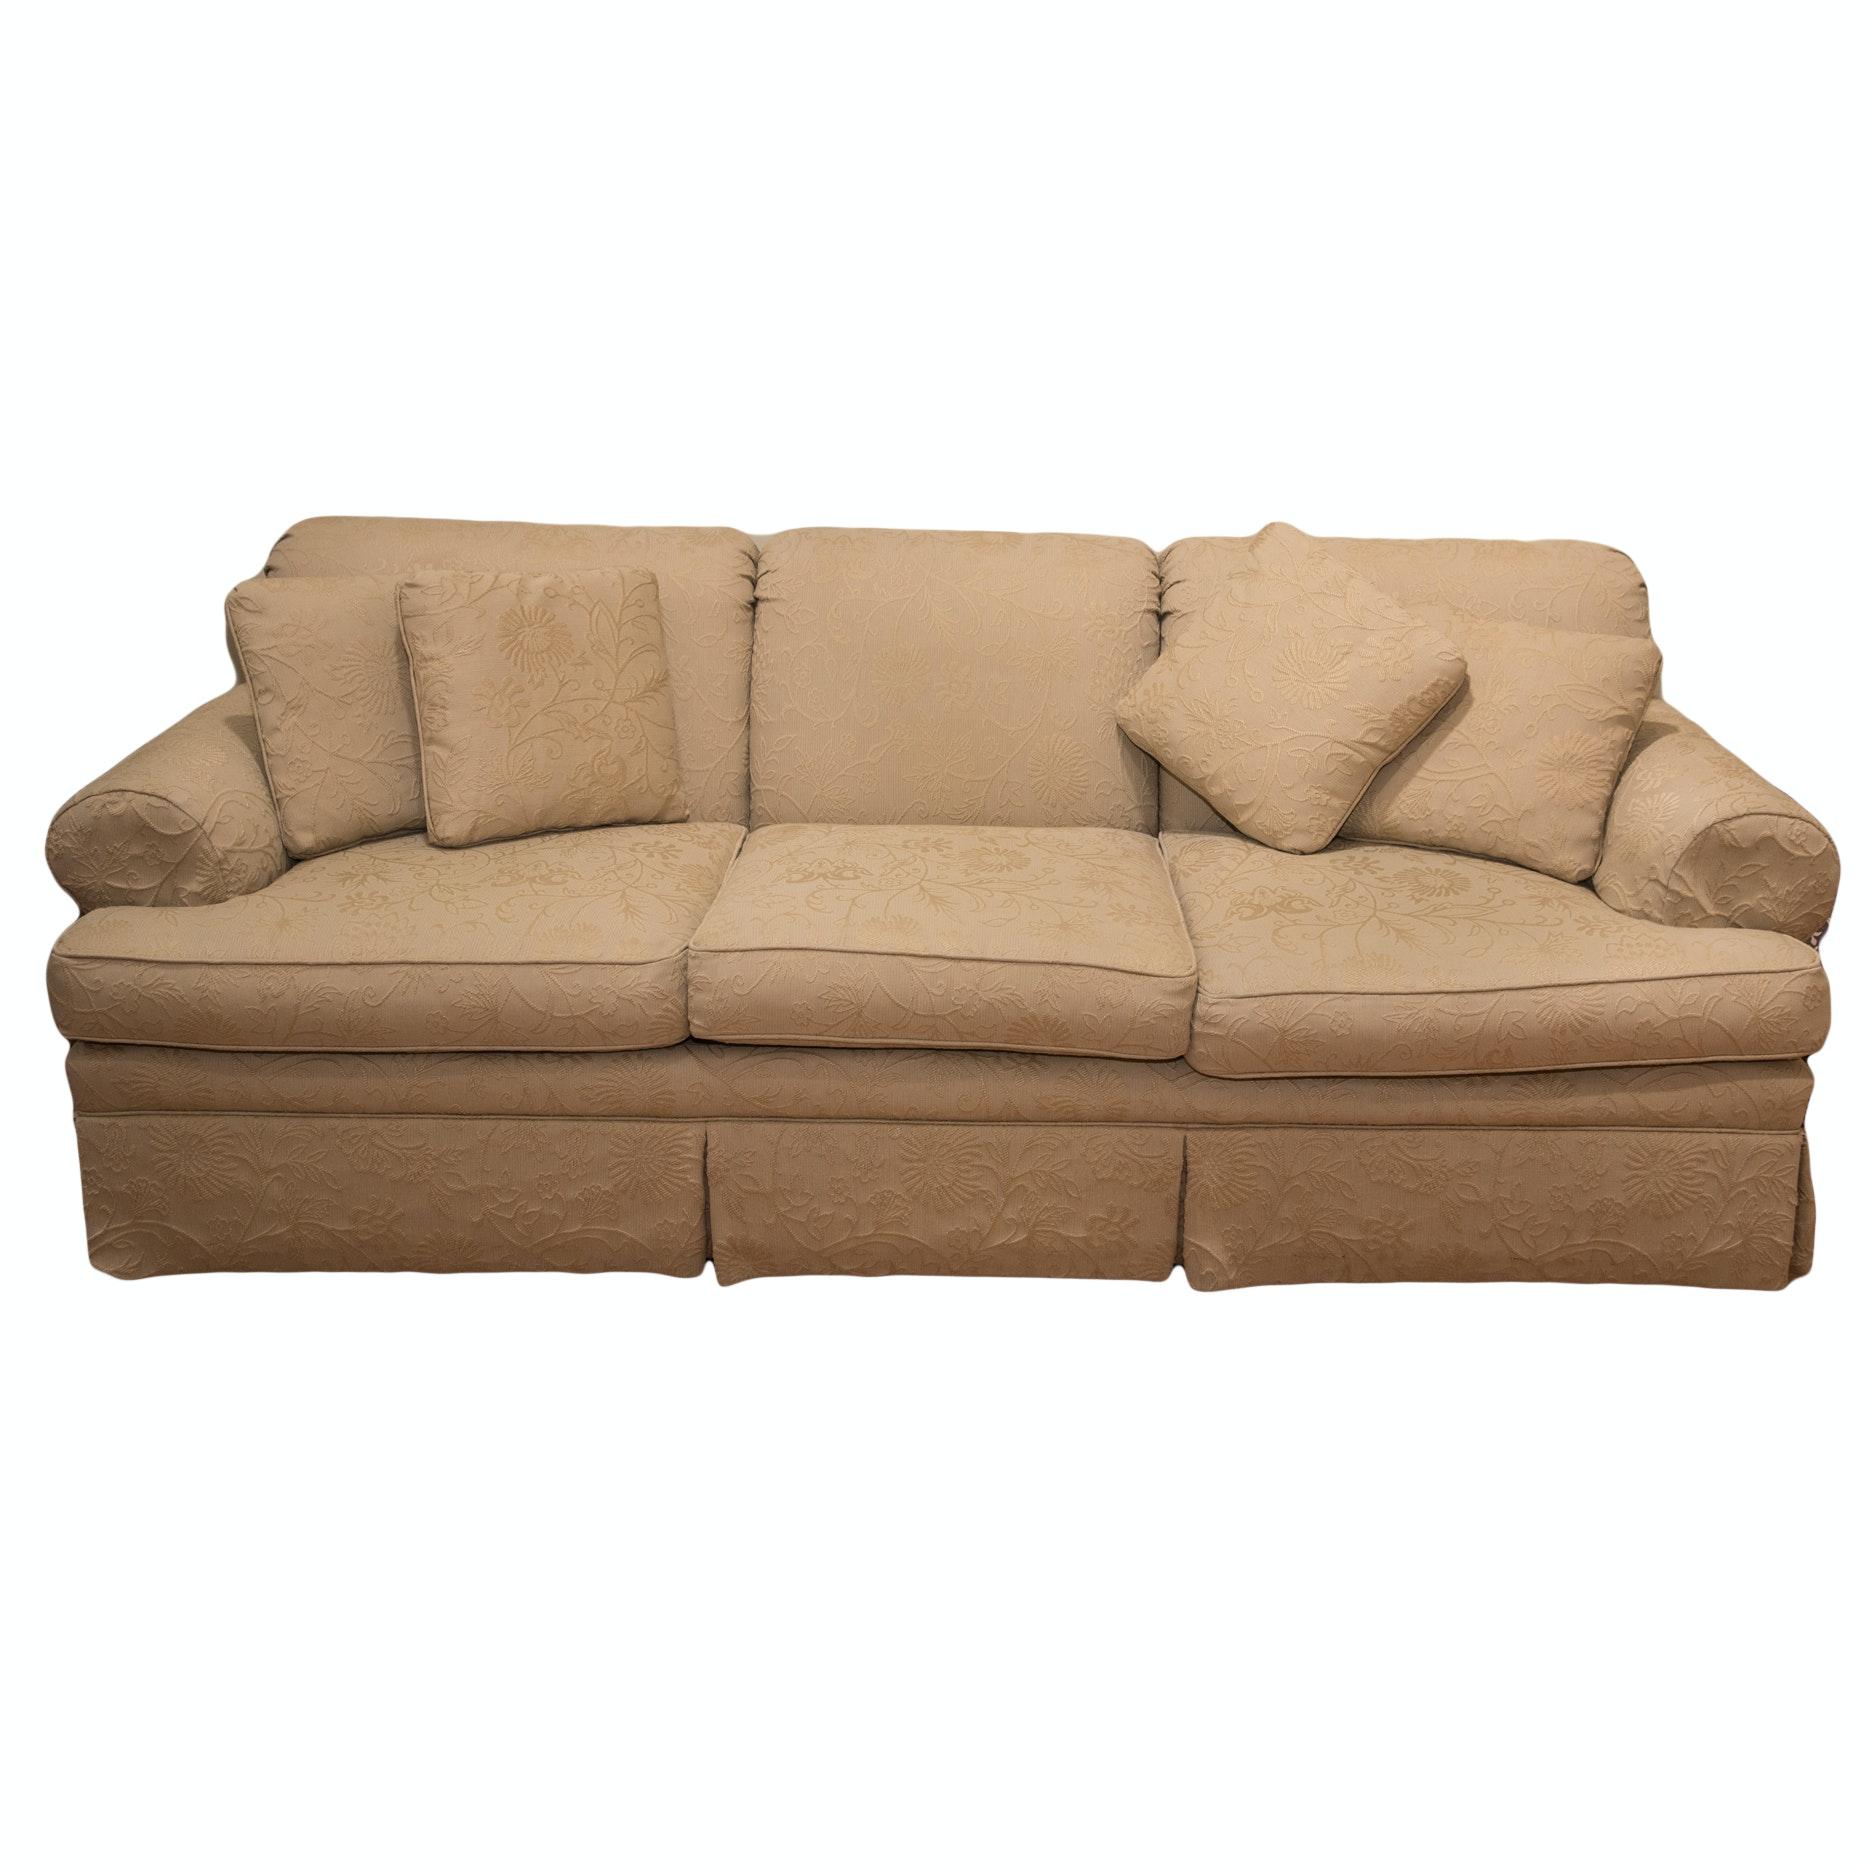 Ethan Allen Upholstered Sofa